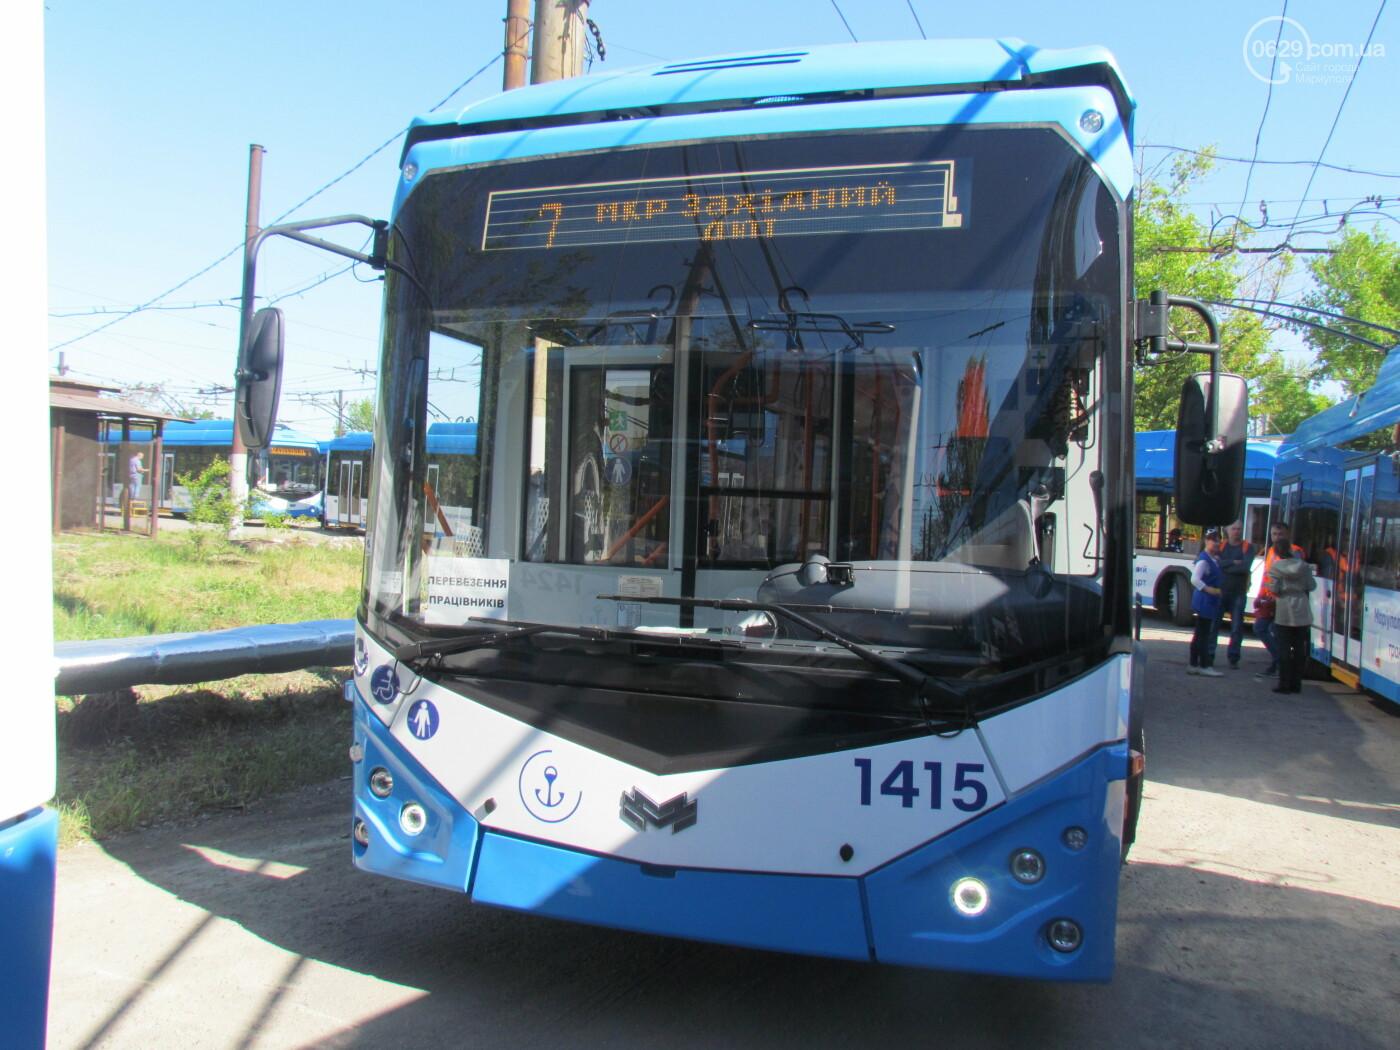 В Мариуполе запустили новый троллейбусный маршрут  , - ФОТО, фото-1